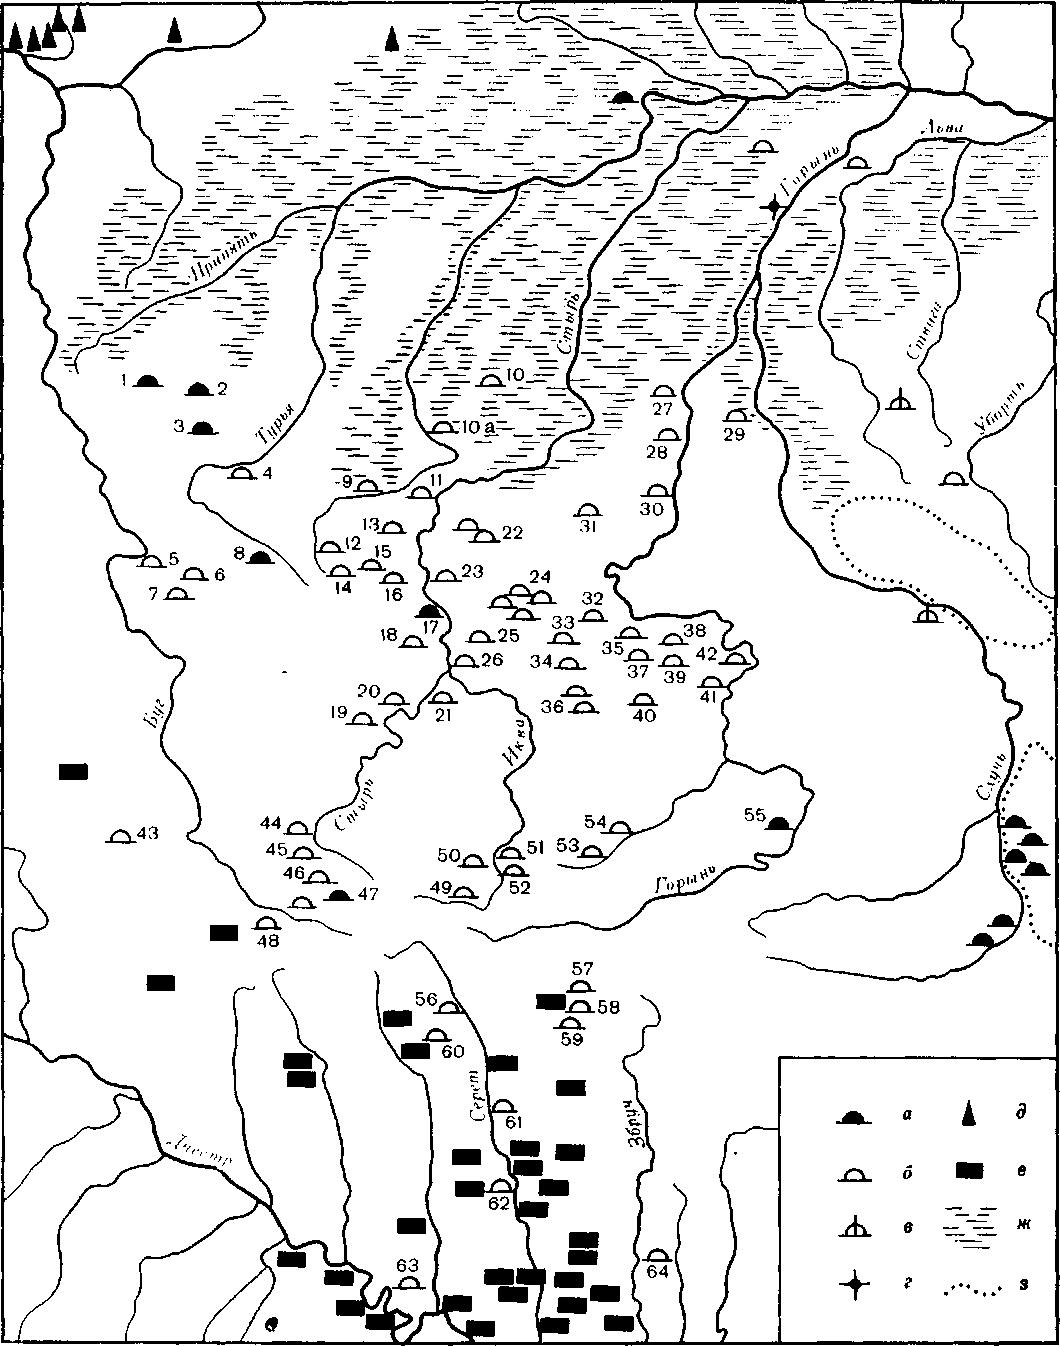 Карта 11. Курганы волынян. а — могильники, включающие курганы с трупосожжениями; б — курганные могильники исключительно с трупоположе-ниями; в — курганы с характерными древлянскими особенностями; г — могильники с дреговичскими бусами; д — могильники с каменными курганами; е — могильники с подплитовыми захоронениями; ж — болотистые пространства; з — лесные массивы. 1 — Головно; 2 — Миляновичи; 3 — Перевалы; 4 — Дулибы; 5 — Устилуг; 6 — Новоселки; 7 — Зимно; 8 — Могилыю; 9 — Большой Поворск; 10 — Городок; 11 — Любча; 12 — Горка Колонка; 13—Городище; /4 — Городок Луцкий; 15 —Усичи; 16 — Усичи-Чеховщина; 17 — Шепель; 18 — Рыкани; 19 — Вечелок; 20 — Боремля; 21 — Красне; 22 — Лыща; 23 — Теремно; 24 — Поддубцы; 25 — Крупа; 26 — Ставок; 27 — Городец; 28 — Корост; 29 — Немовичи; 30 — Стыдынь; 31 — Берестяно; 32 — Грабов; 33 — Рогачев; 34 — Белев; 35 — Городок; 36 — Старый Жуков; 37 — Стыдынка; 38 — Карпиловка: 39 — Басов Кут; 40 — Здолбунов; 41 — Корнино; 42 — Колоденка; 43 — Каменнополь; 44 — Высоцкое; 45 — Заболотцы; 46 — Луговое; 47 — Подгорцы; 48 — Новоселки Львовские; 49 — Тараж; 50 — Бухнев; 51 — Шпиколосы; 52 — Бодаки; 53 — Бряков; 54 — Сураж; 55 — Изяславль; 56 — Великий Глубочек; 57 — Збараж; 58 — Чолганщина; 59 ~ Застенка; 60 — Осиповцы; 61 — Семенов; 62 — Палашевка; 63 — Жниброды; 64 — Гусятин